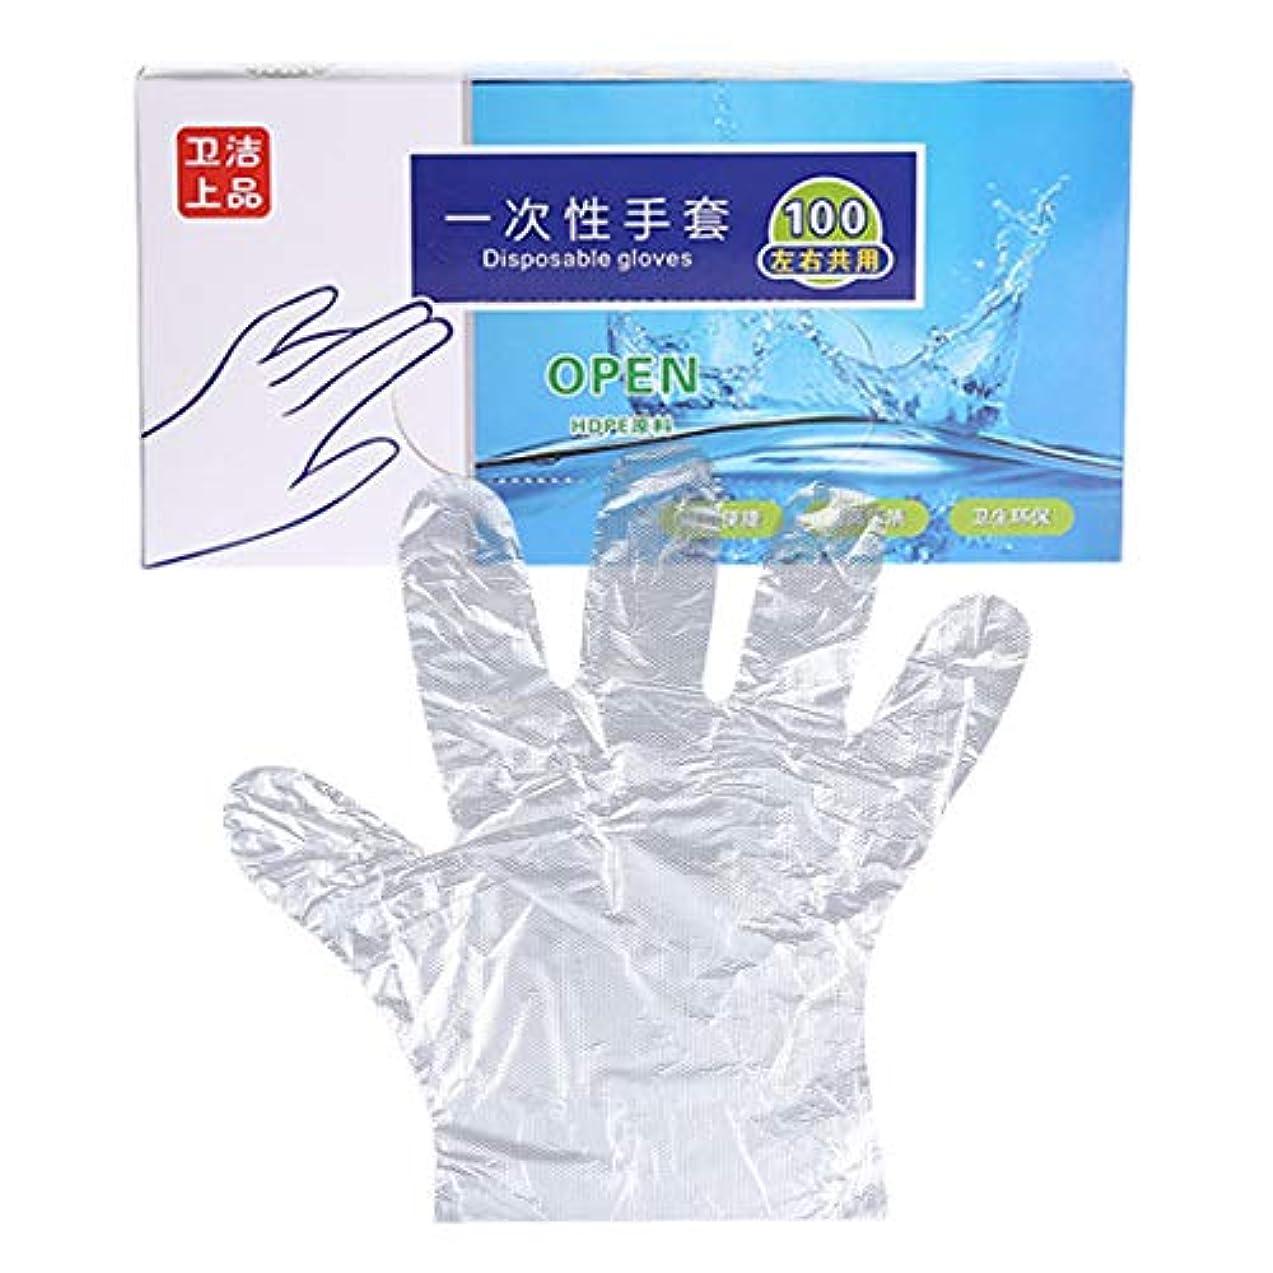 守銭奴作者プレビスサイトBemin 使い捨て手袋 100本入 透明 フリーサイズ グローブ ポリエチレン手袋 左右兼用 ポリエチレン PE 実用 衛生 調理 清掃 染髪